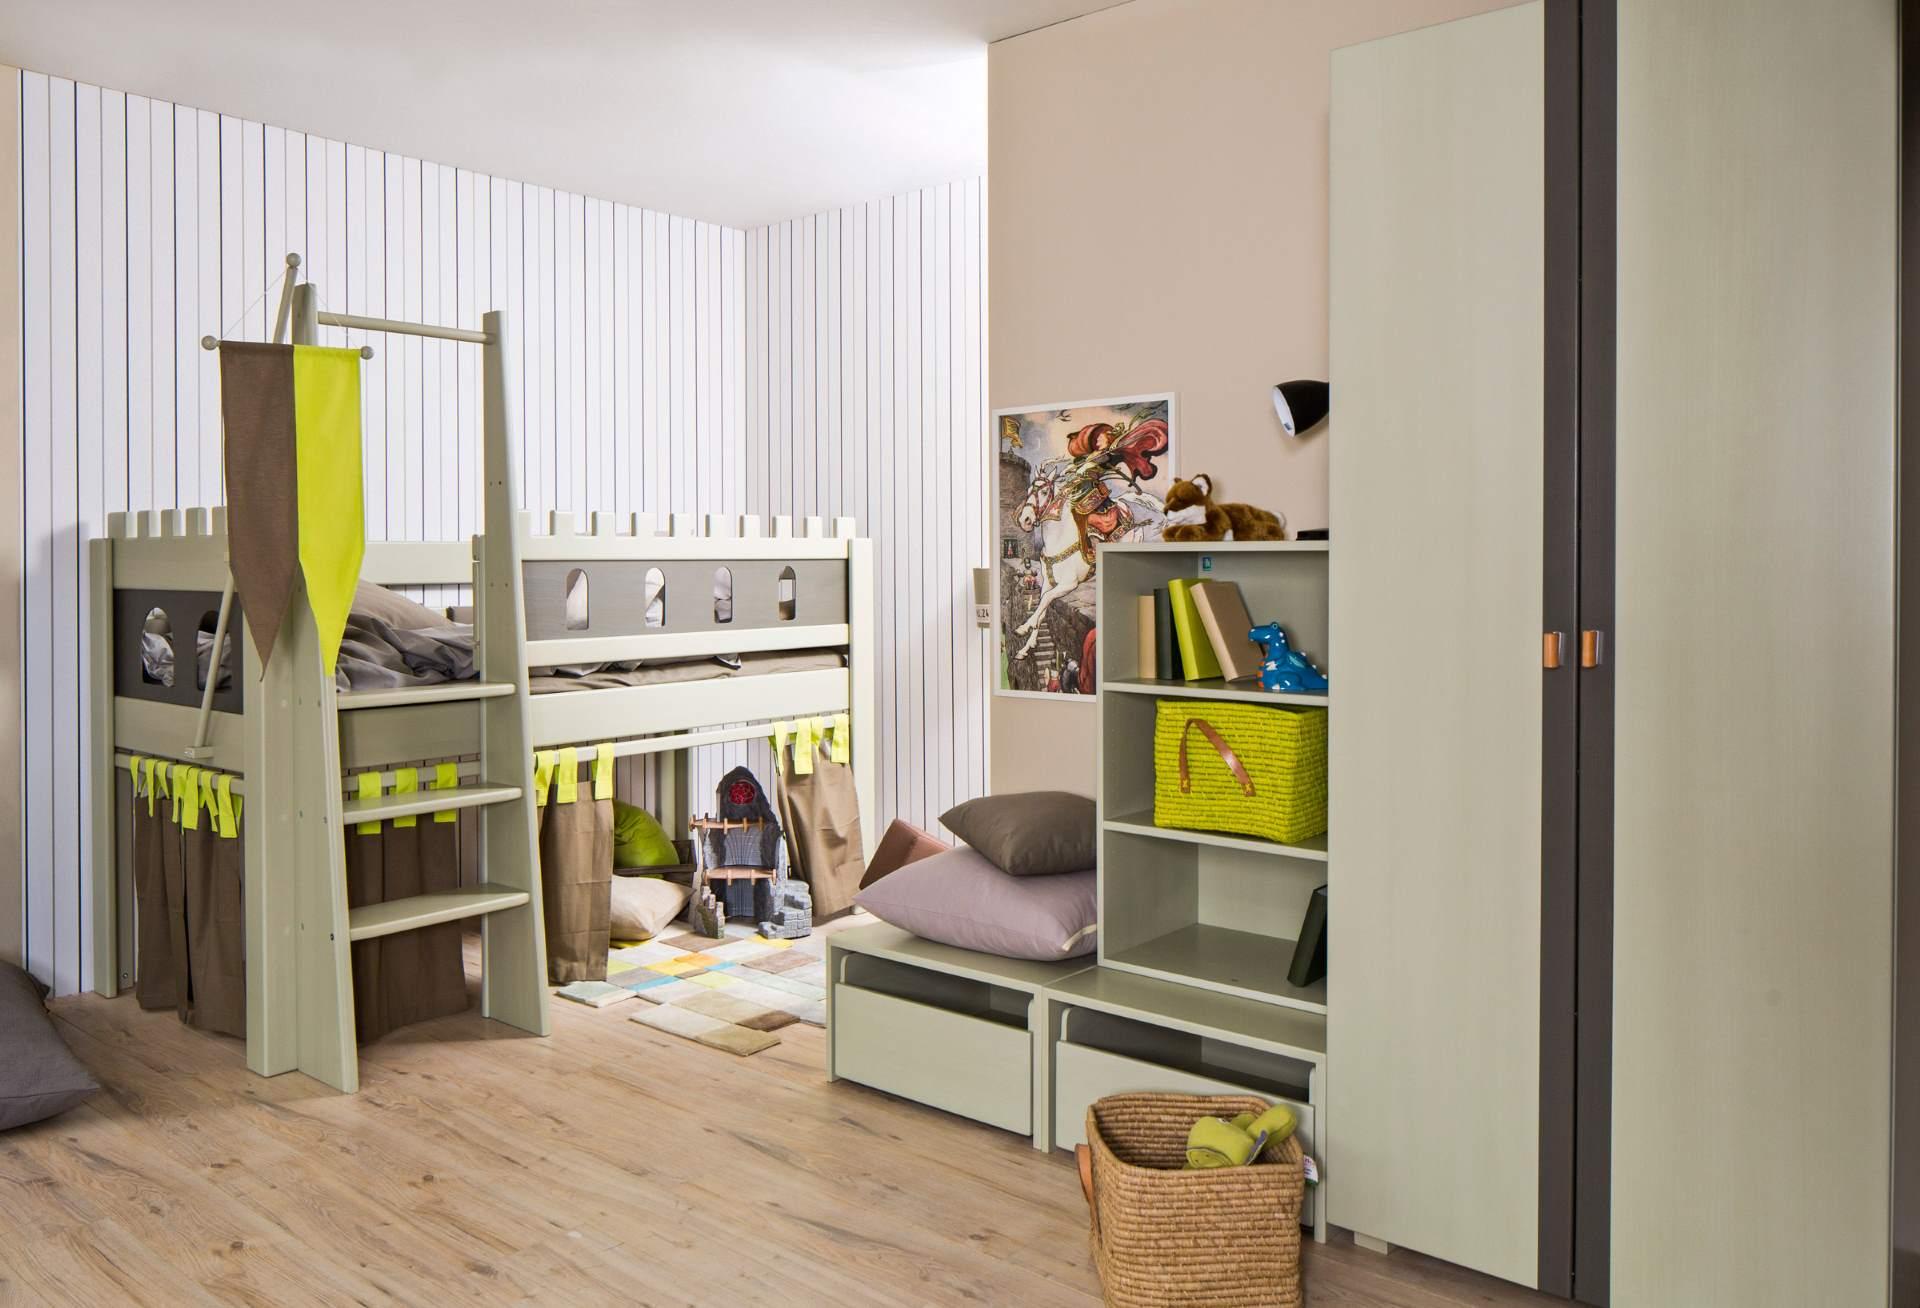 kleiderschrank weiss akzent grau wohnopposition berlin. Black Bedroom Furniture Sets. Home Design Ideas